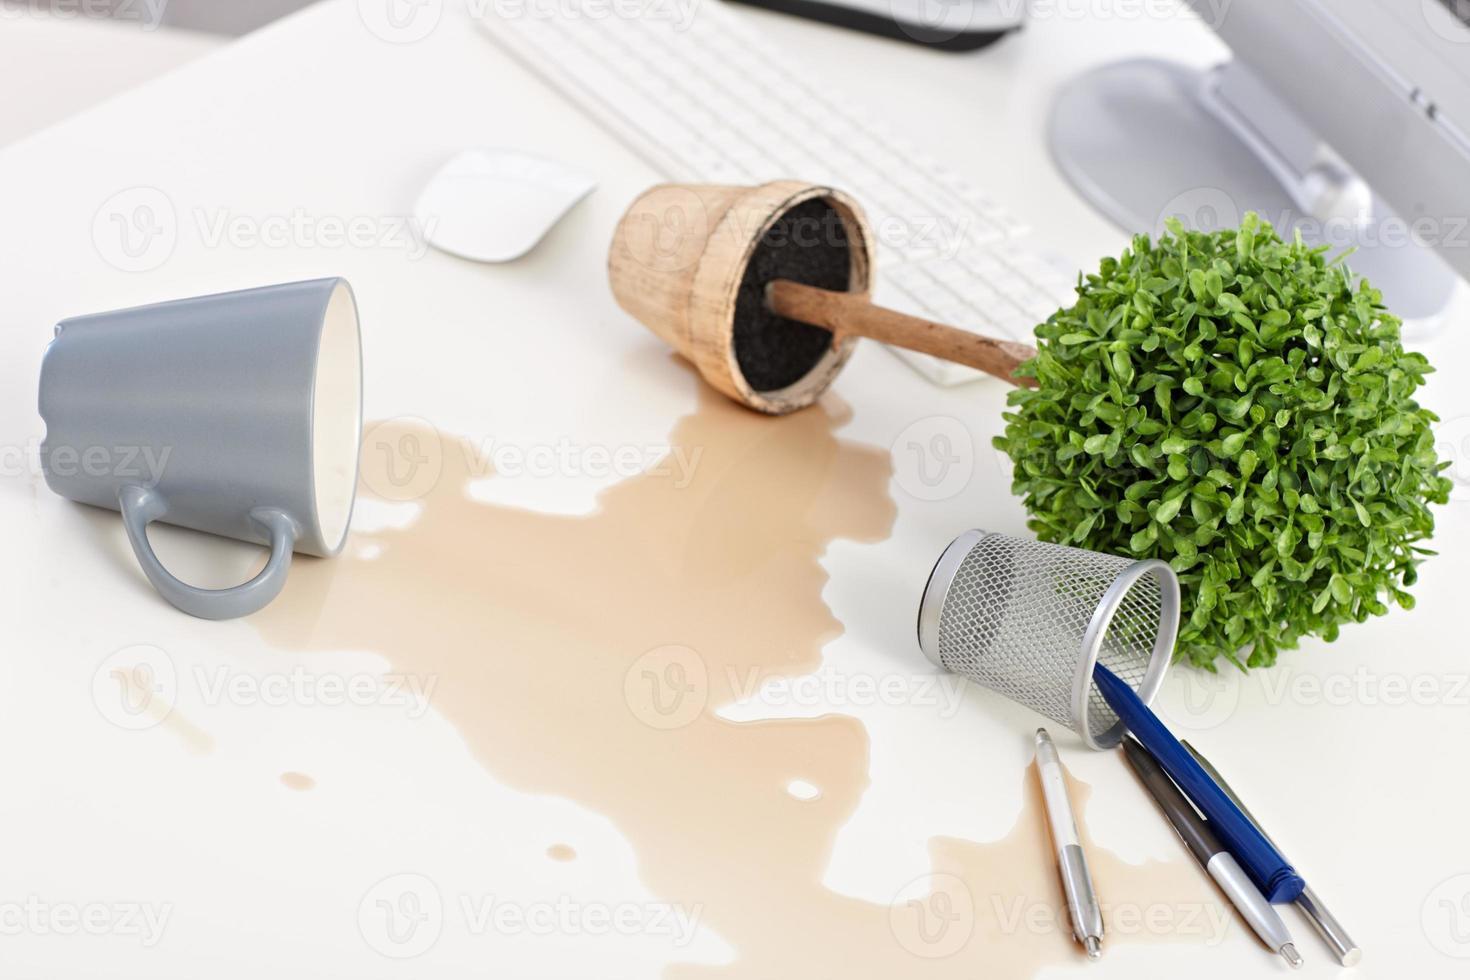 umgestürzte Pflanze und verschütteter Kaffee auf dem Schreibtisch foto